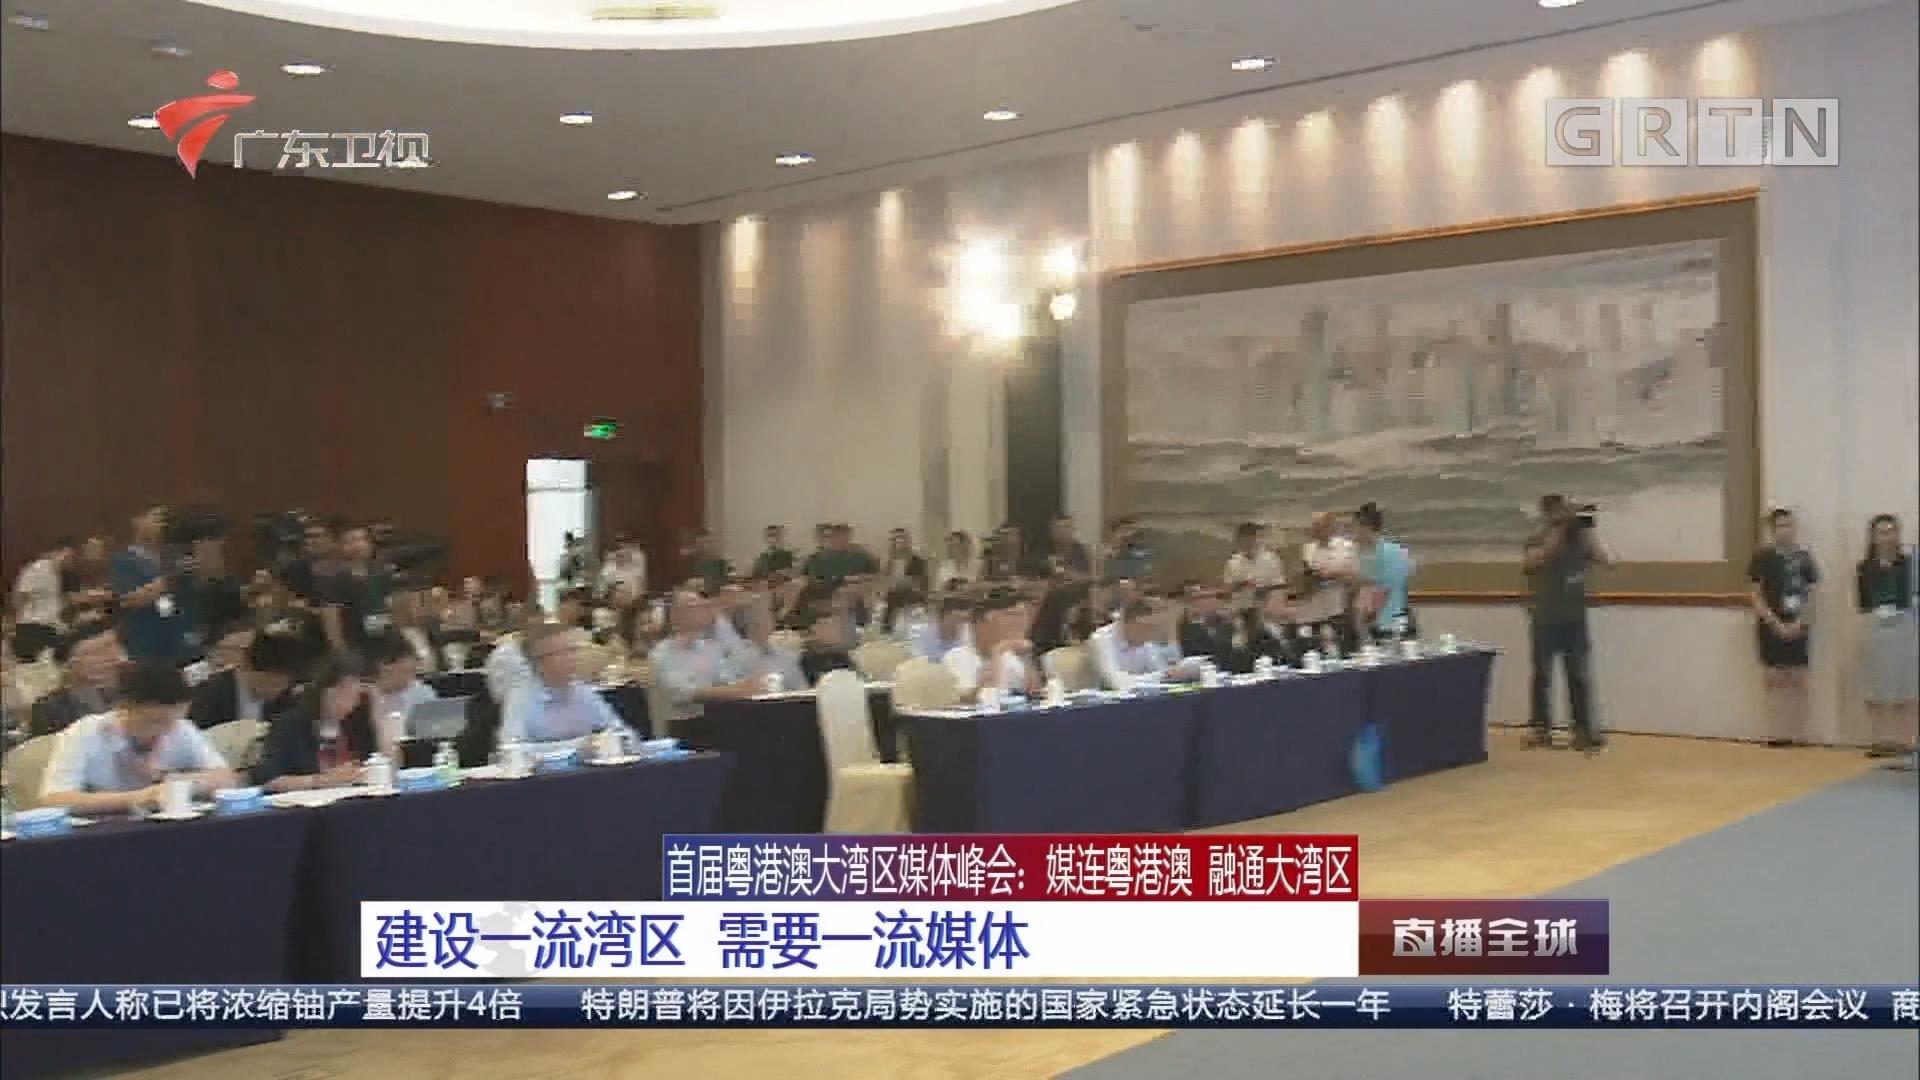 首届粤港澳大湾区媒体峰会:媒连粤港澳 融通大湾区 建设一流湾区 需要一流媒体